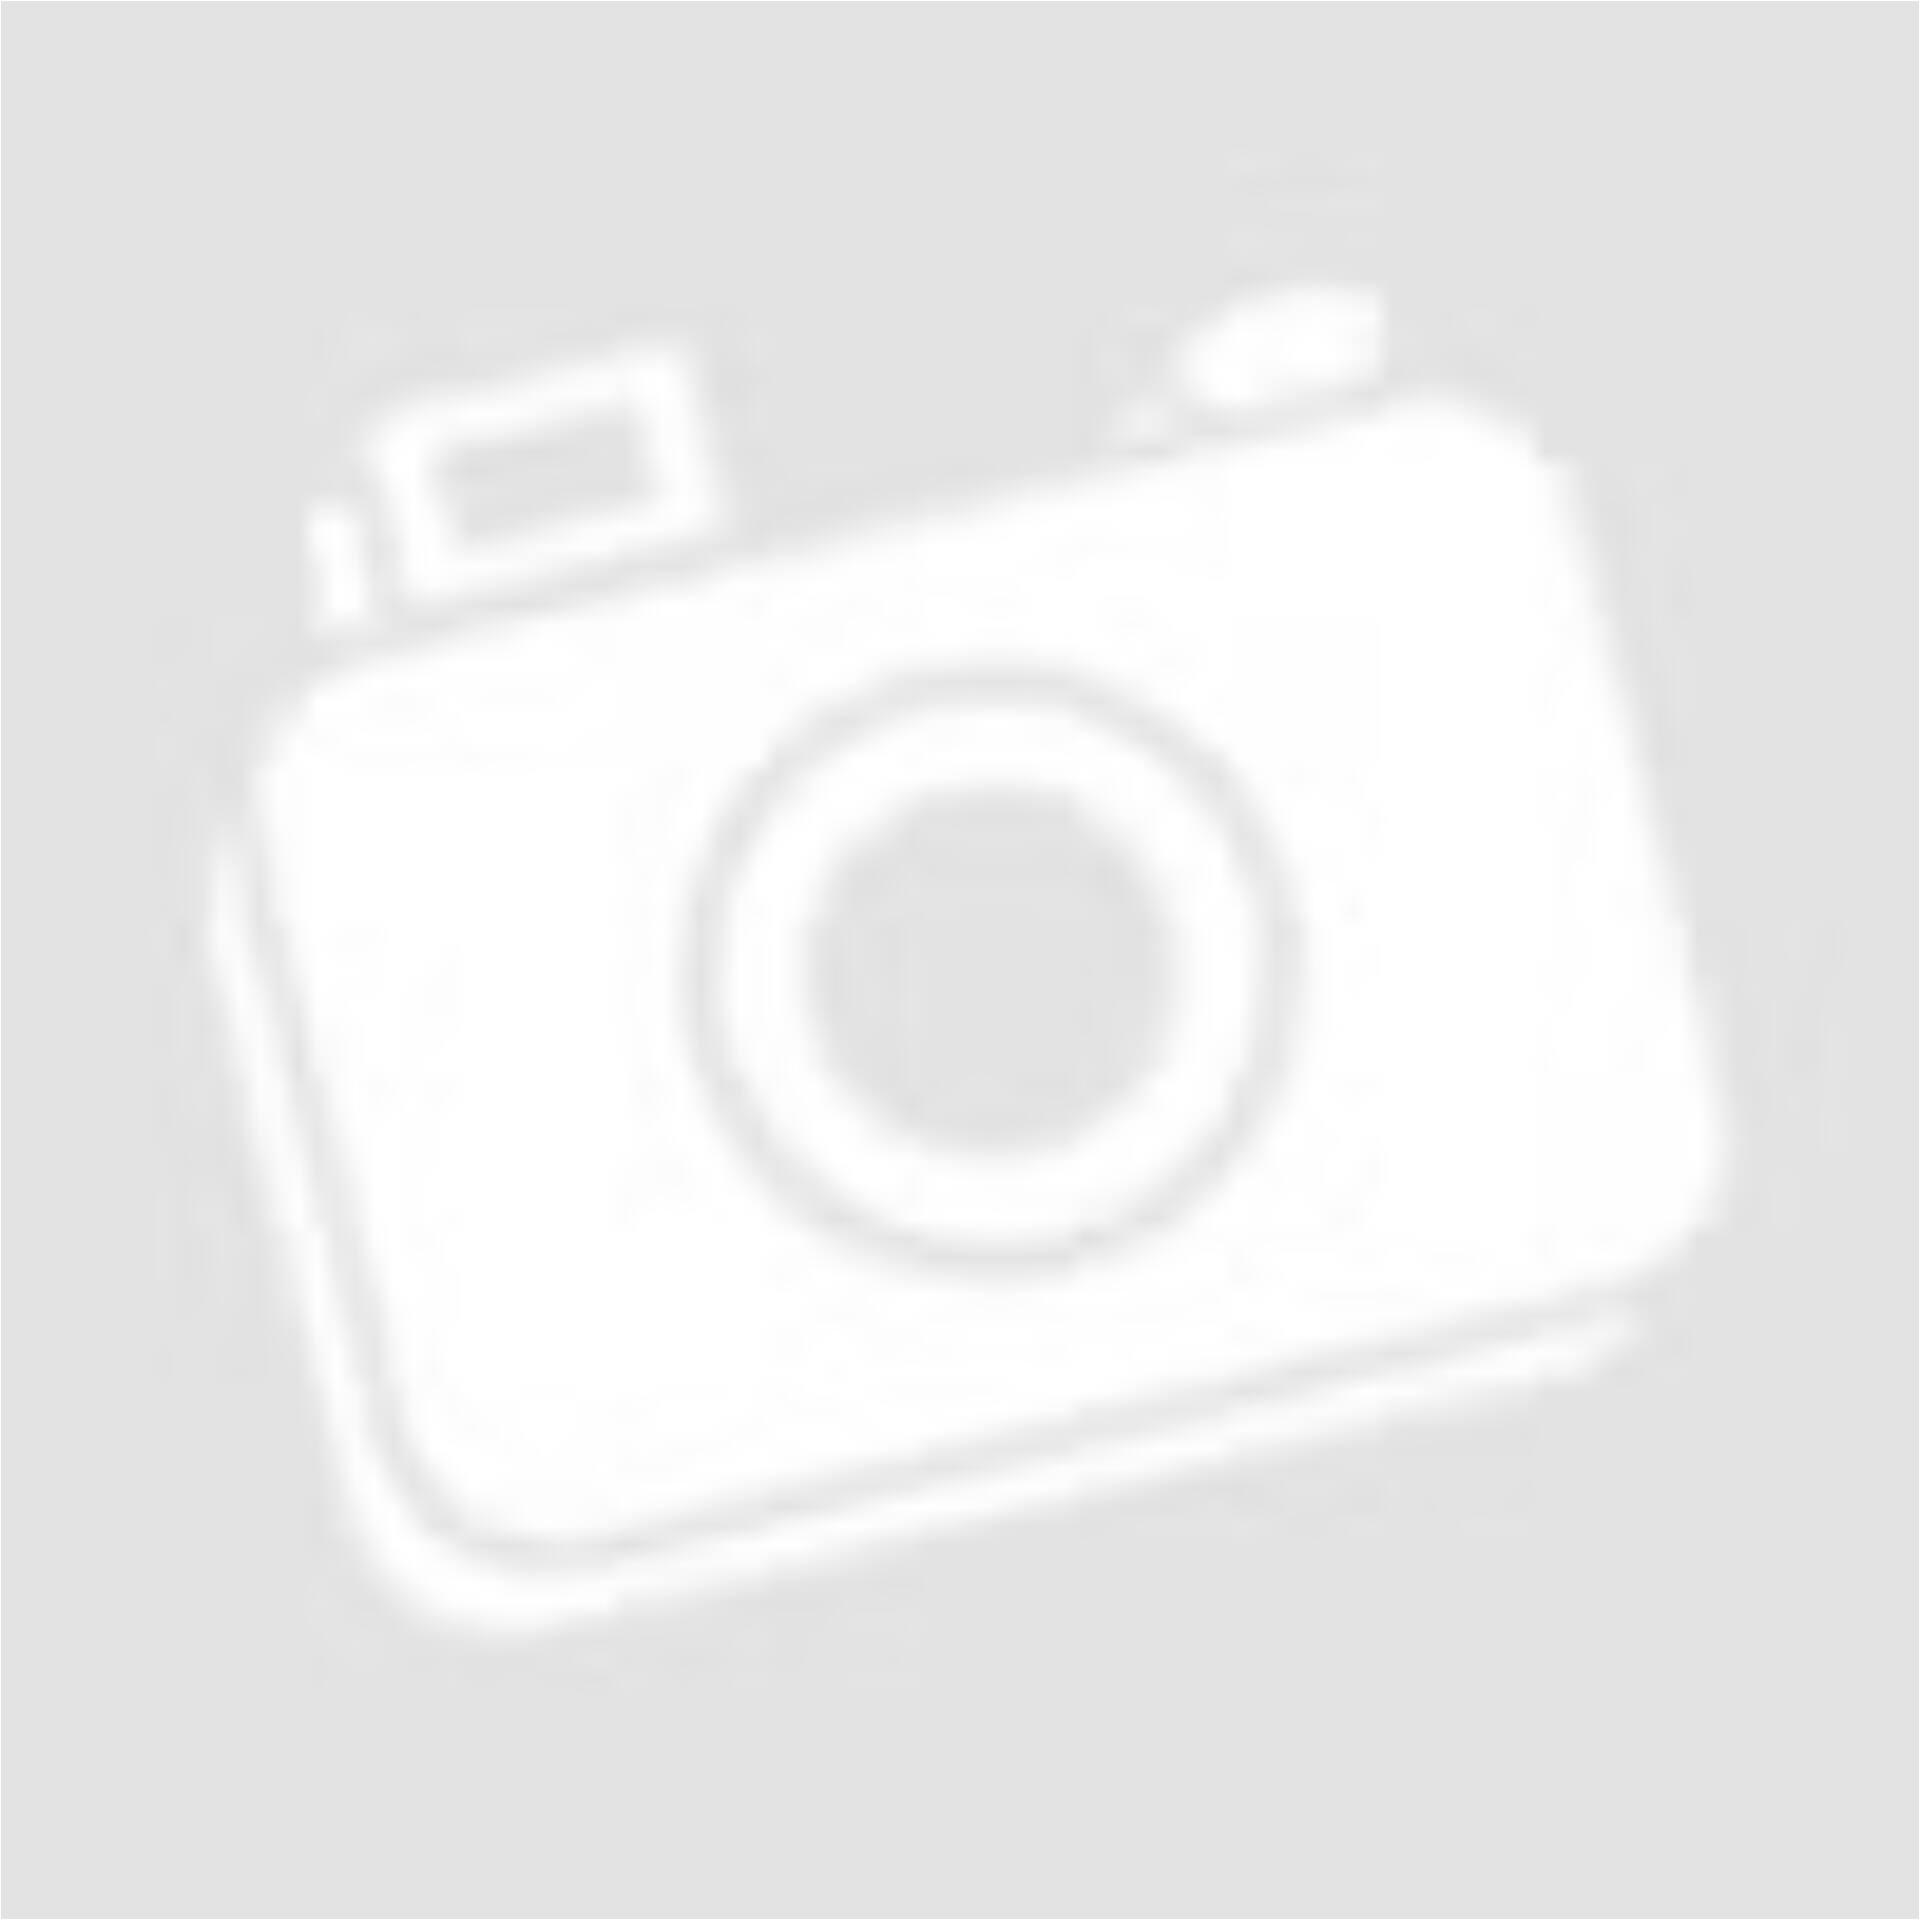 91523bfac2 Oui pulóver (Méret: XS) - Női pulóver, kardigán, boleró - Öltözz ki ...